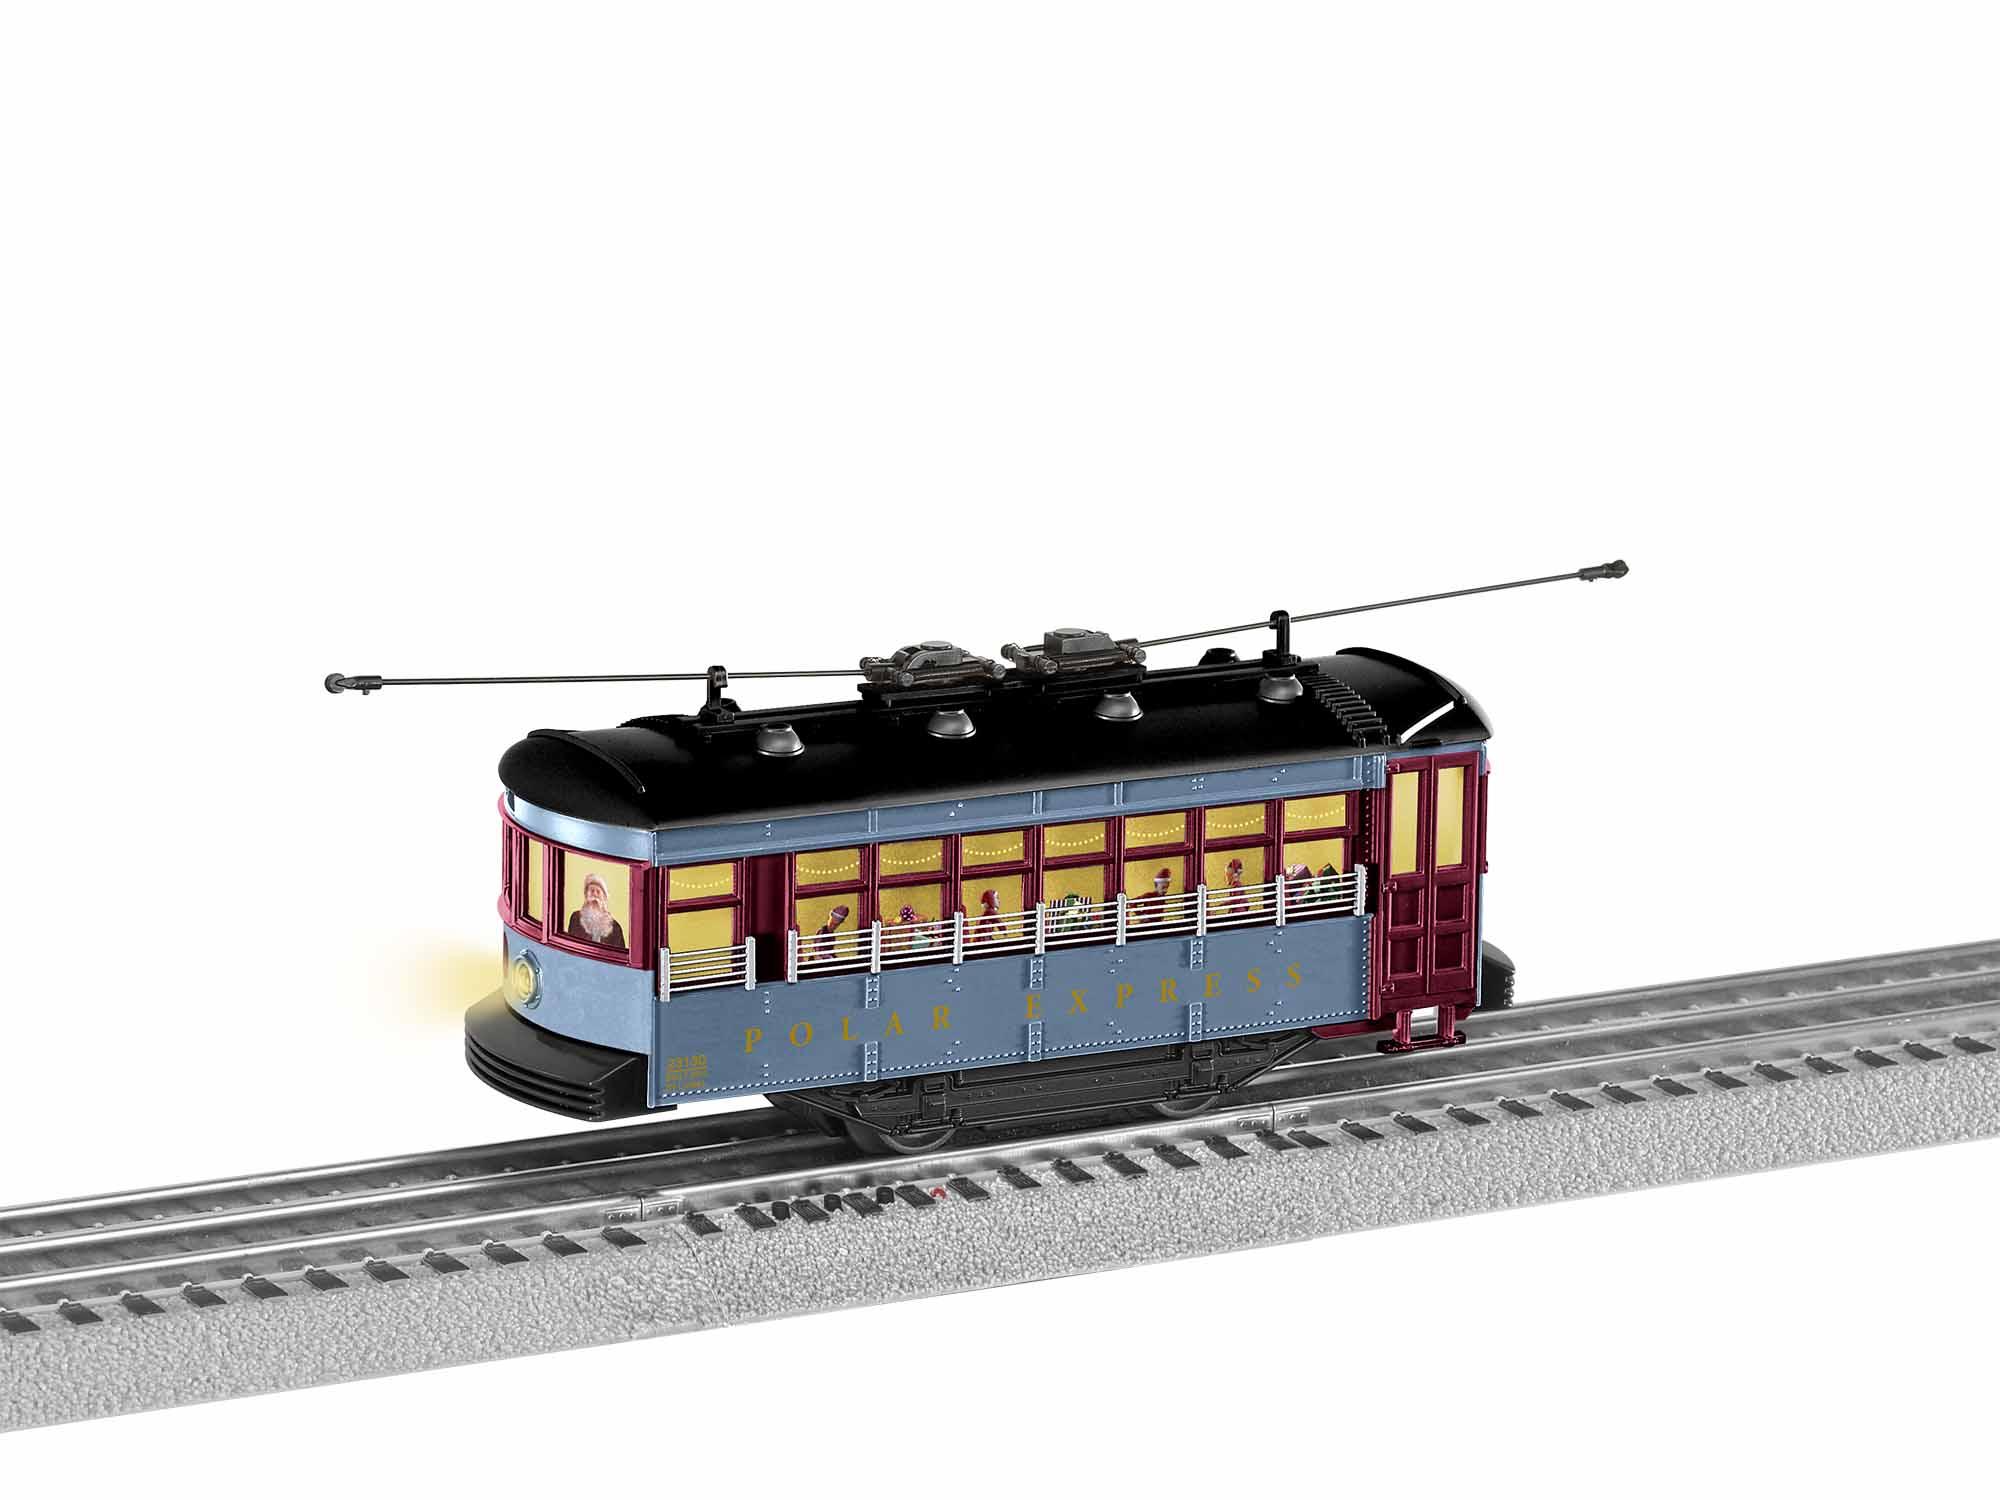 Lionel 1923130 O The Polar Express Trolley Set 3-Rail LionChief Bluetooth